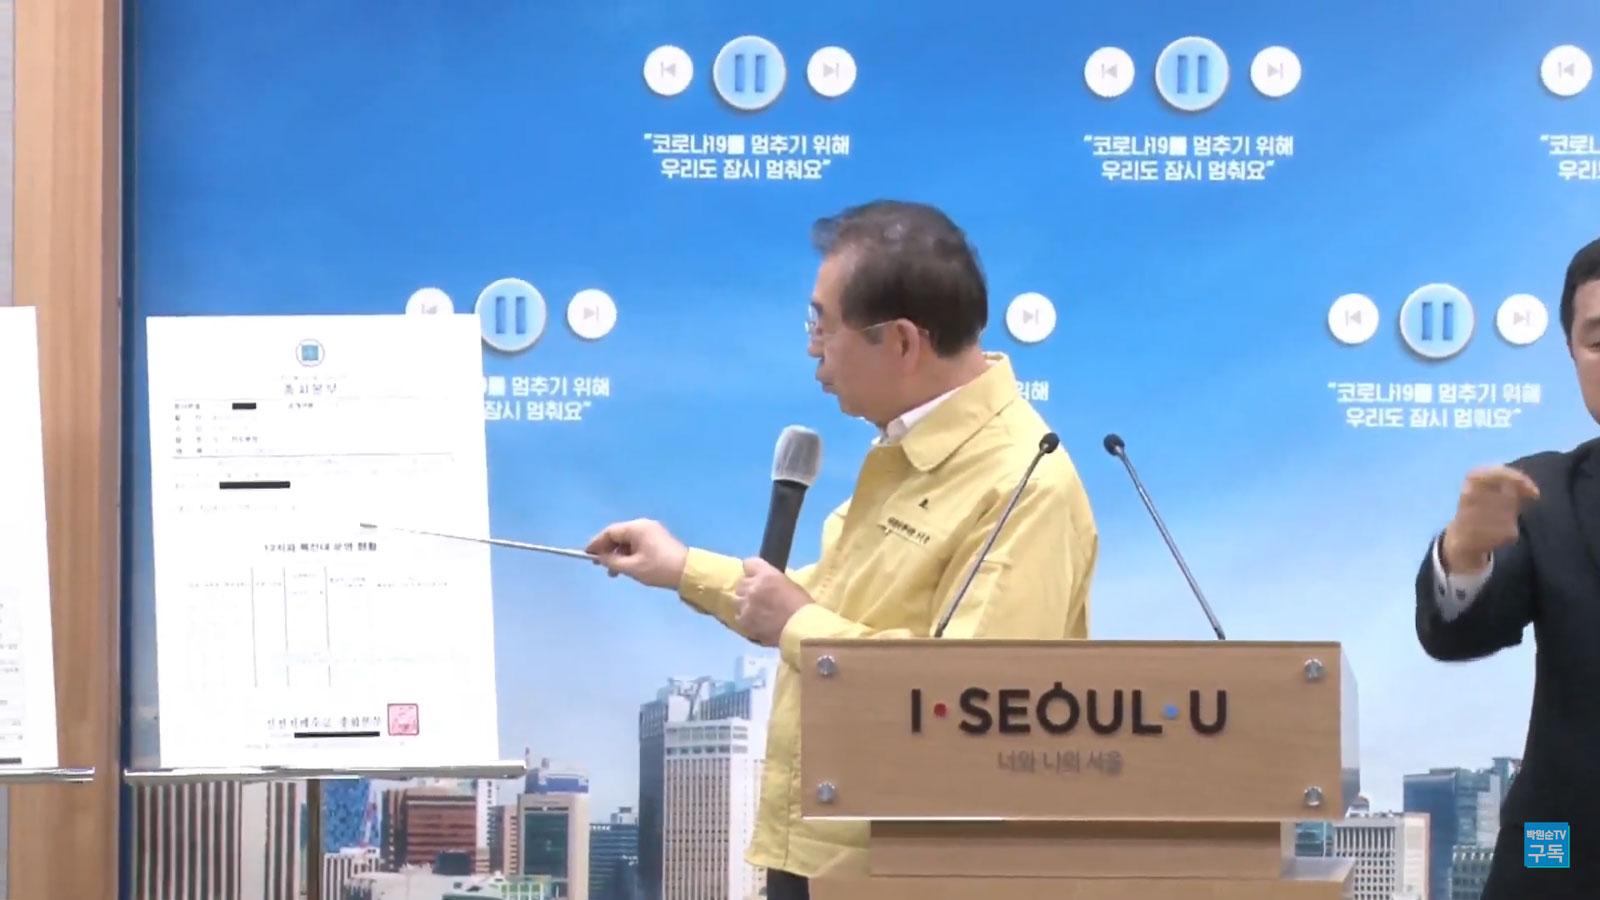 박원순 시장이 신천지 추수꾼의 활동을 입증하는 자료를 설명하고 있다.